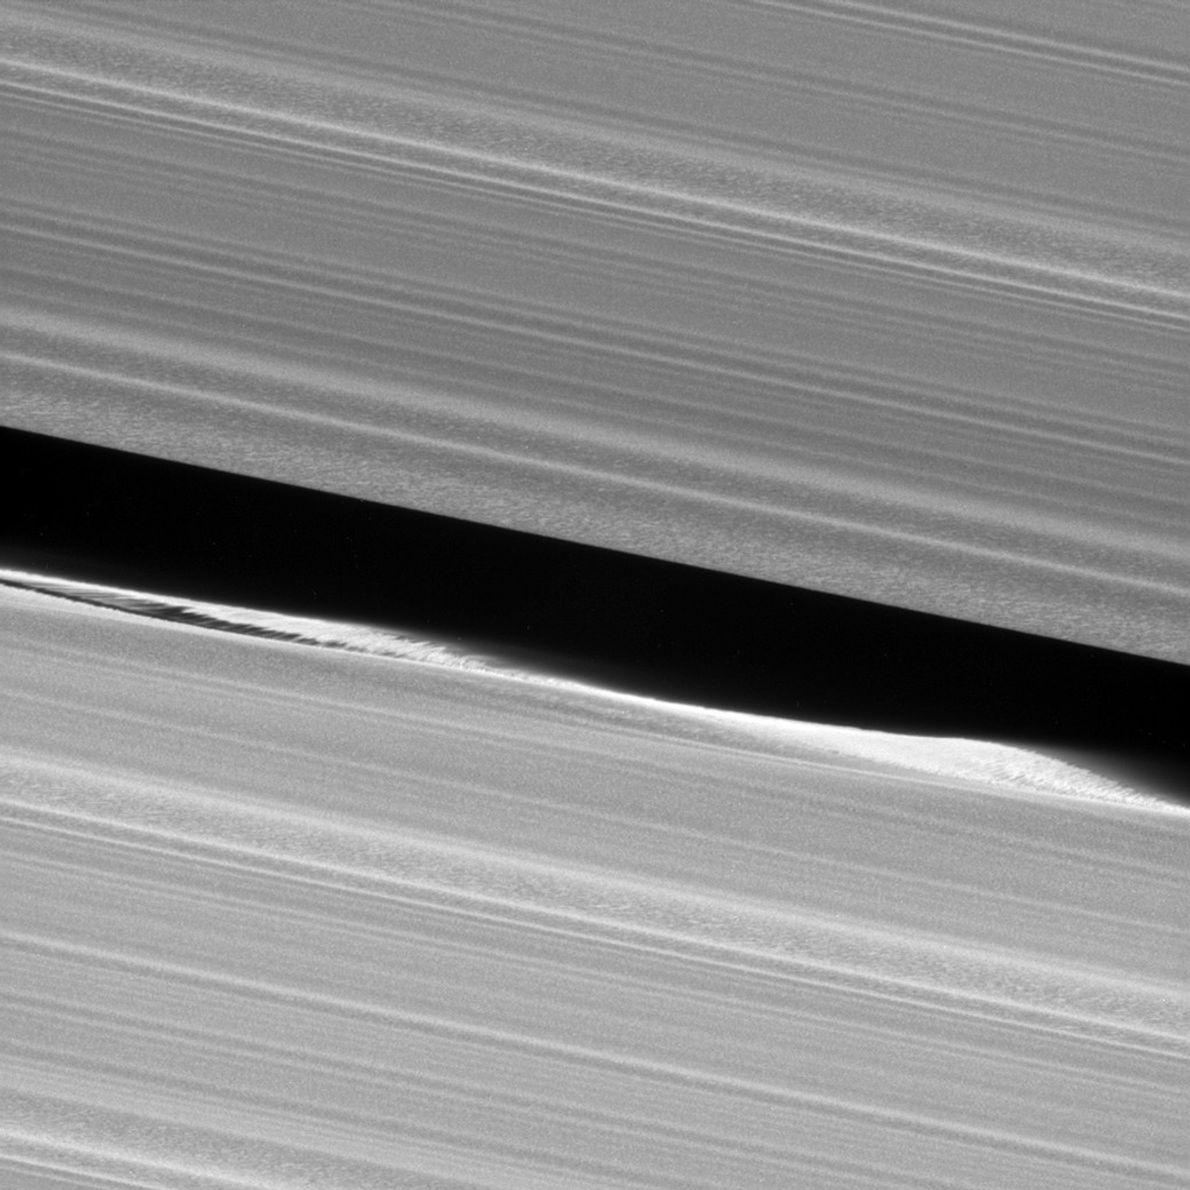 Alors que Cassini se prépare à descendre sur Saturne pour s'y crasher, il a permis la ...